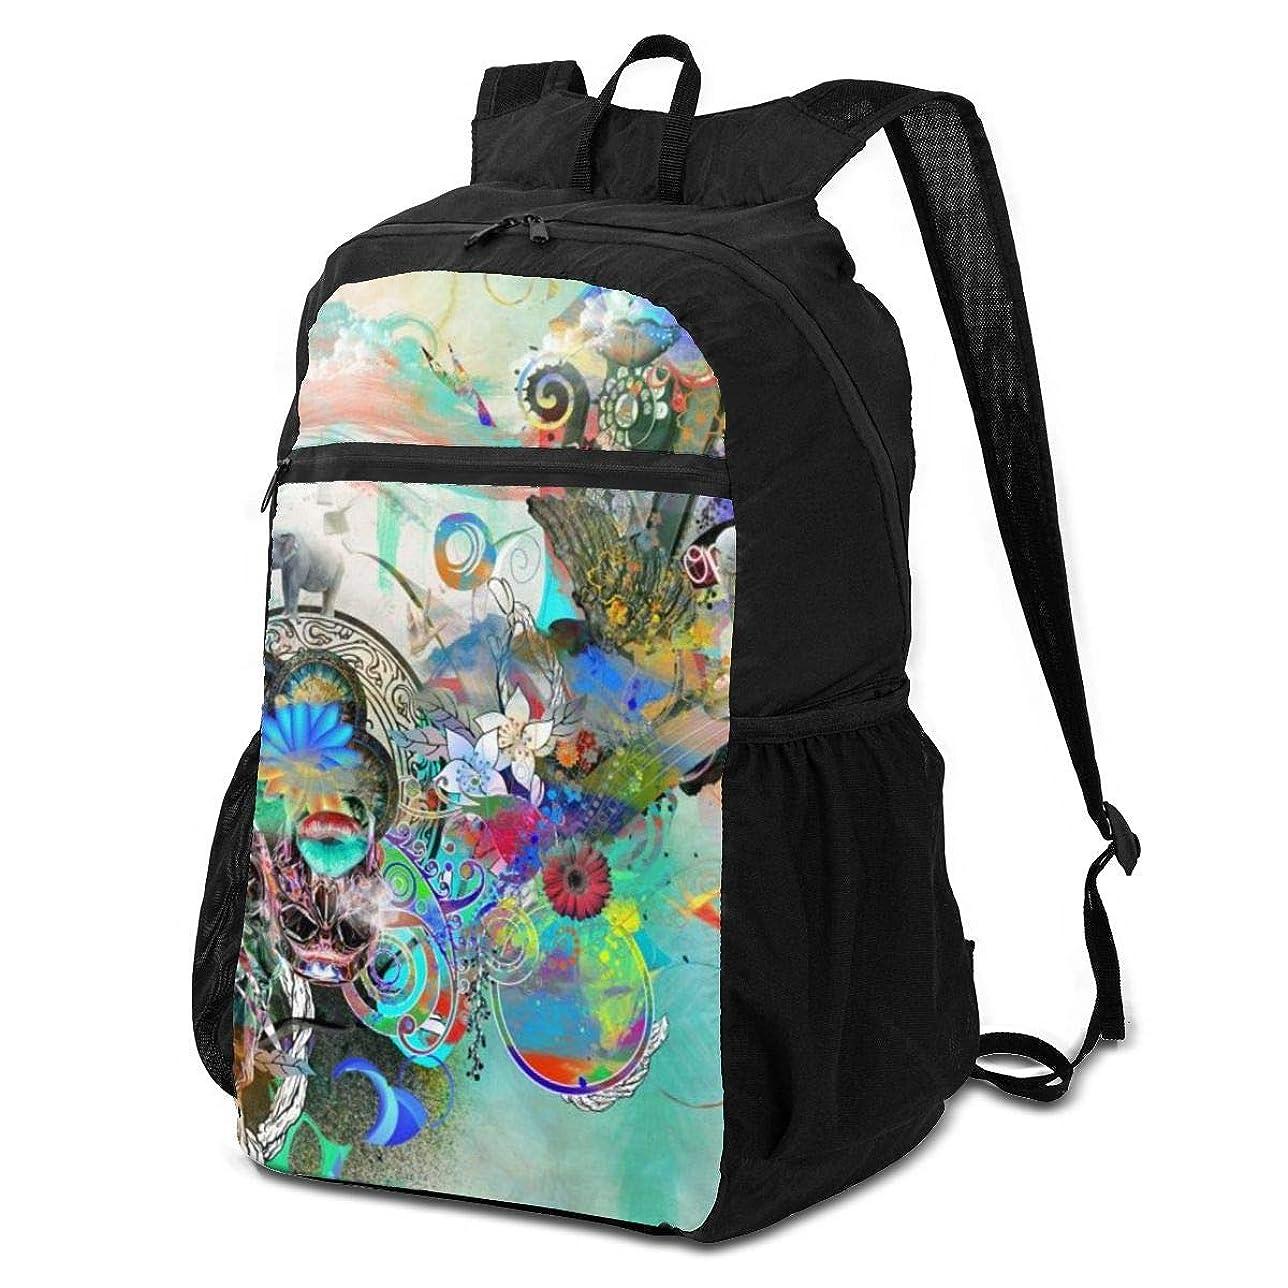 バラエティ誕生ロバ登山リュック ザック 抽象主義 バックパック 軽量 防水 通勤 小型旅行 折りたたみ式キャンプ アウトドアバッグ